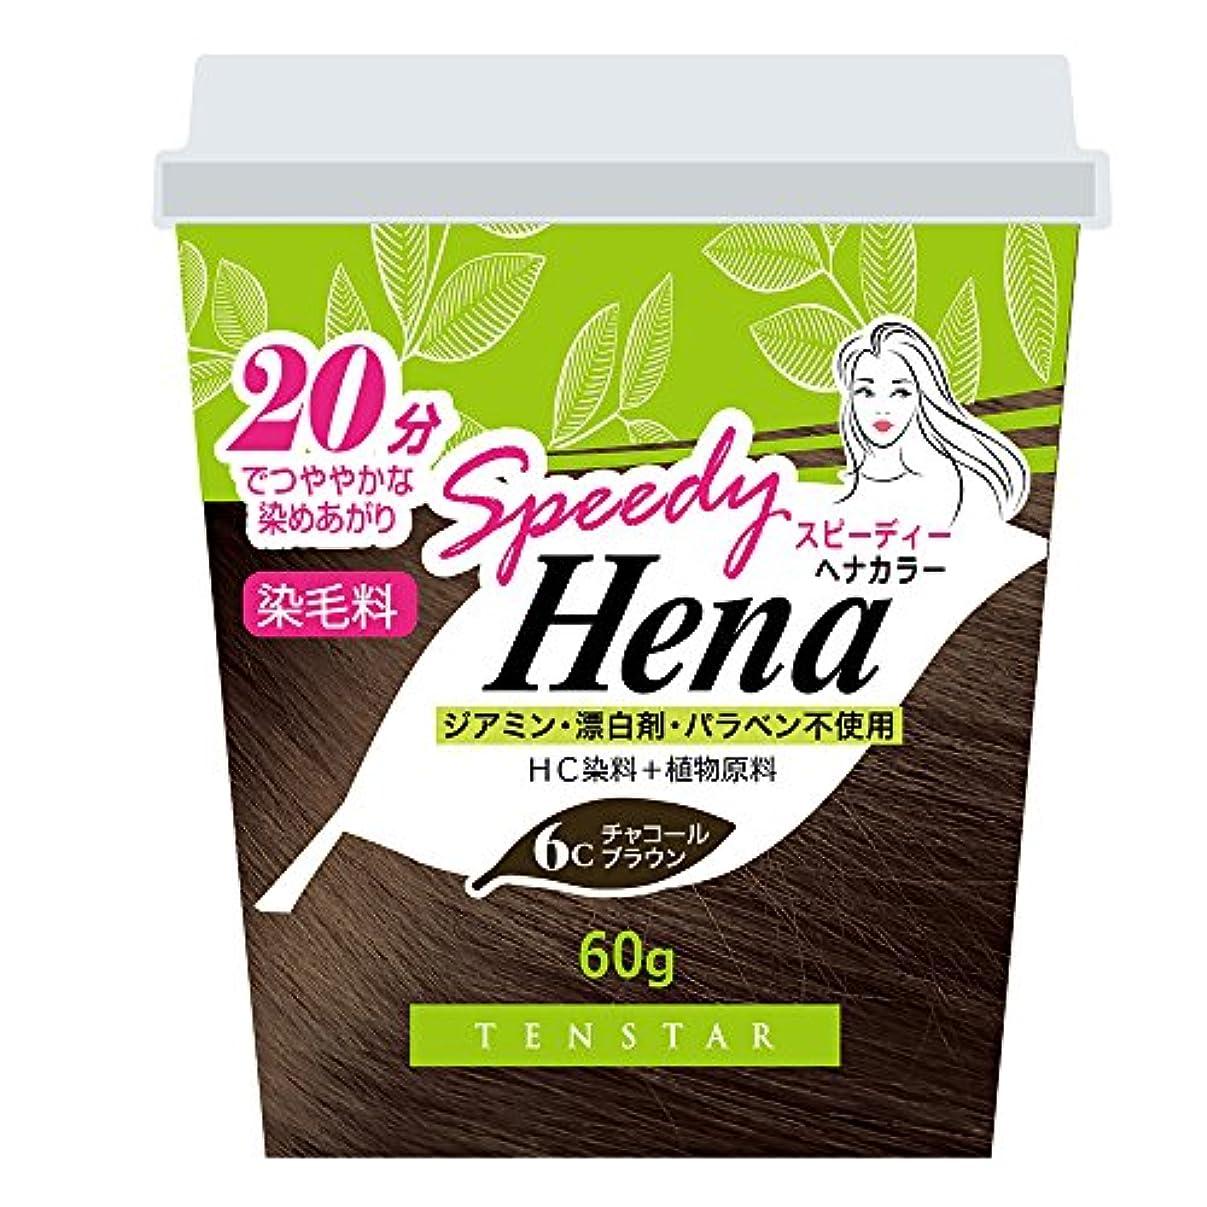 スタジアム守銭奴モディッシュTHH-02 テンスター スピーディー ヘナカラー チャコールブラウン 60G